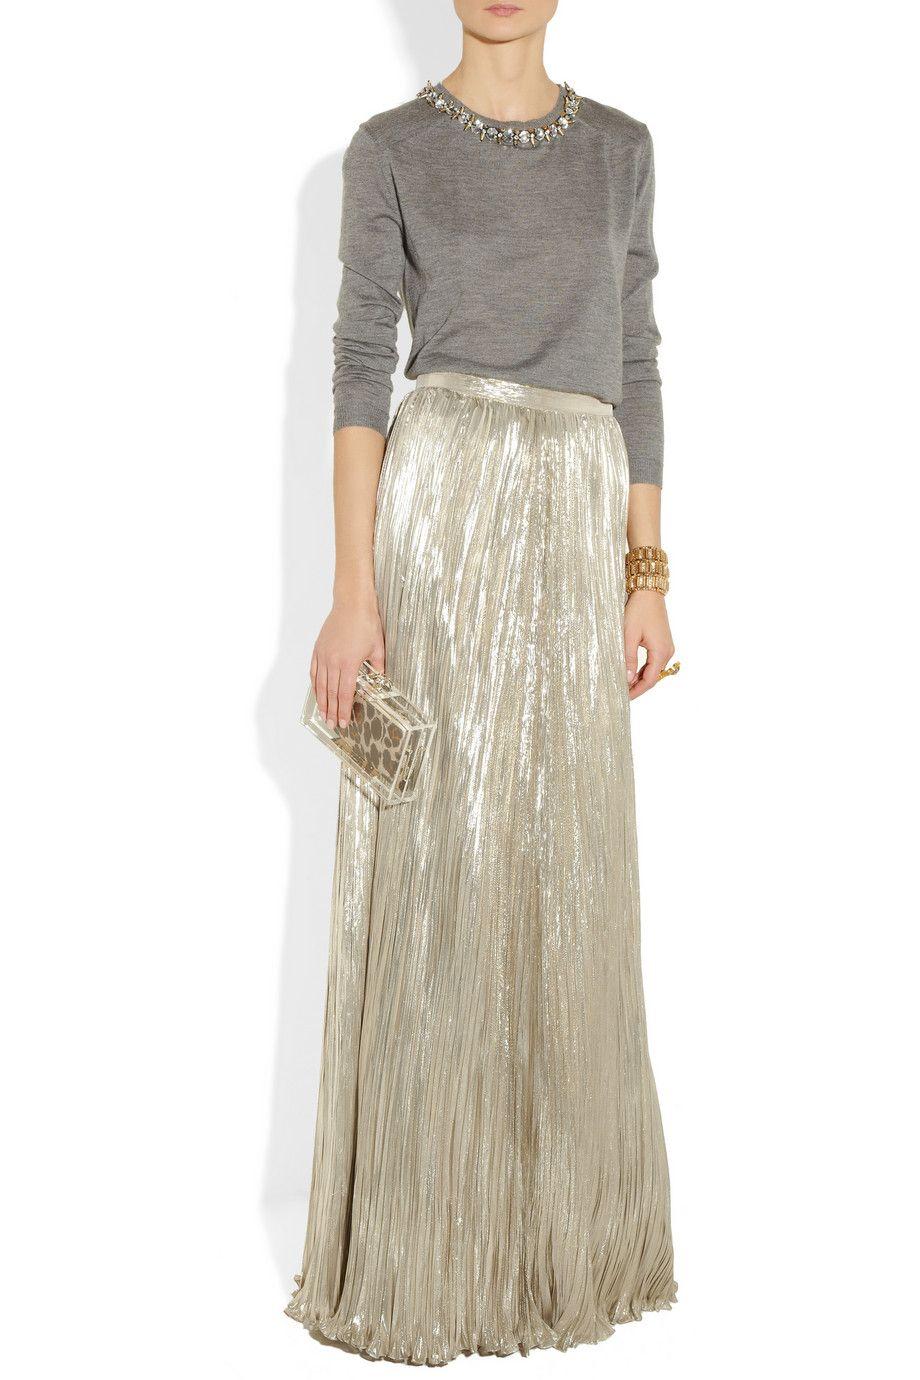 42a33ad17ee624 SERIOUS about a metallic maxi skirt for NYE!!! Oscar de la Renta ...